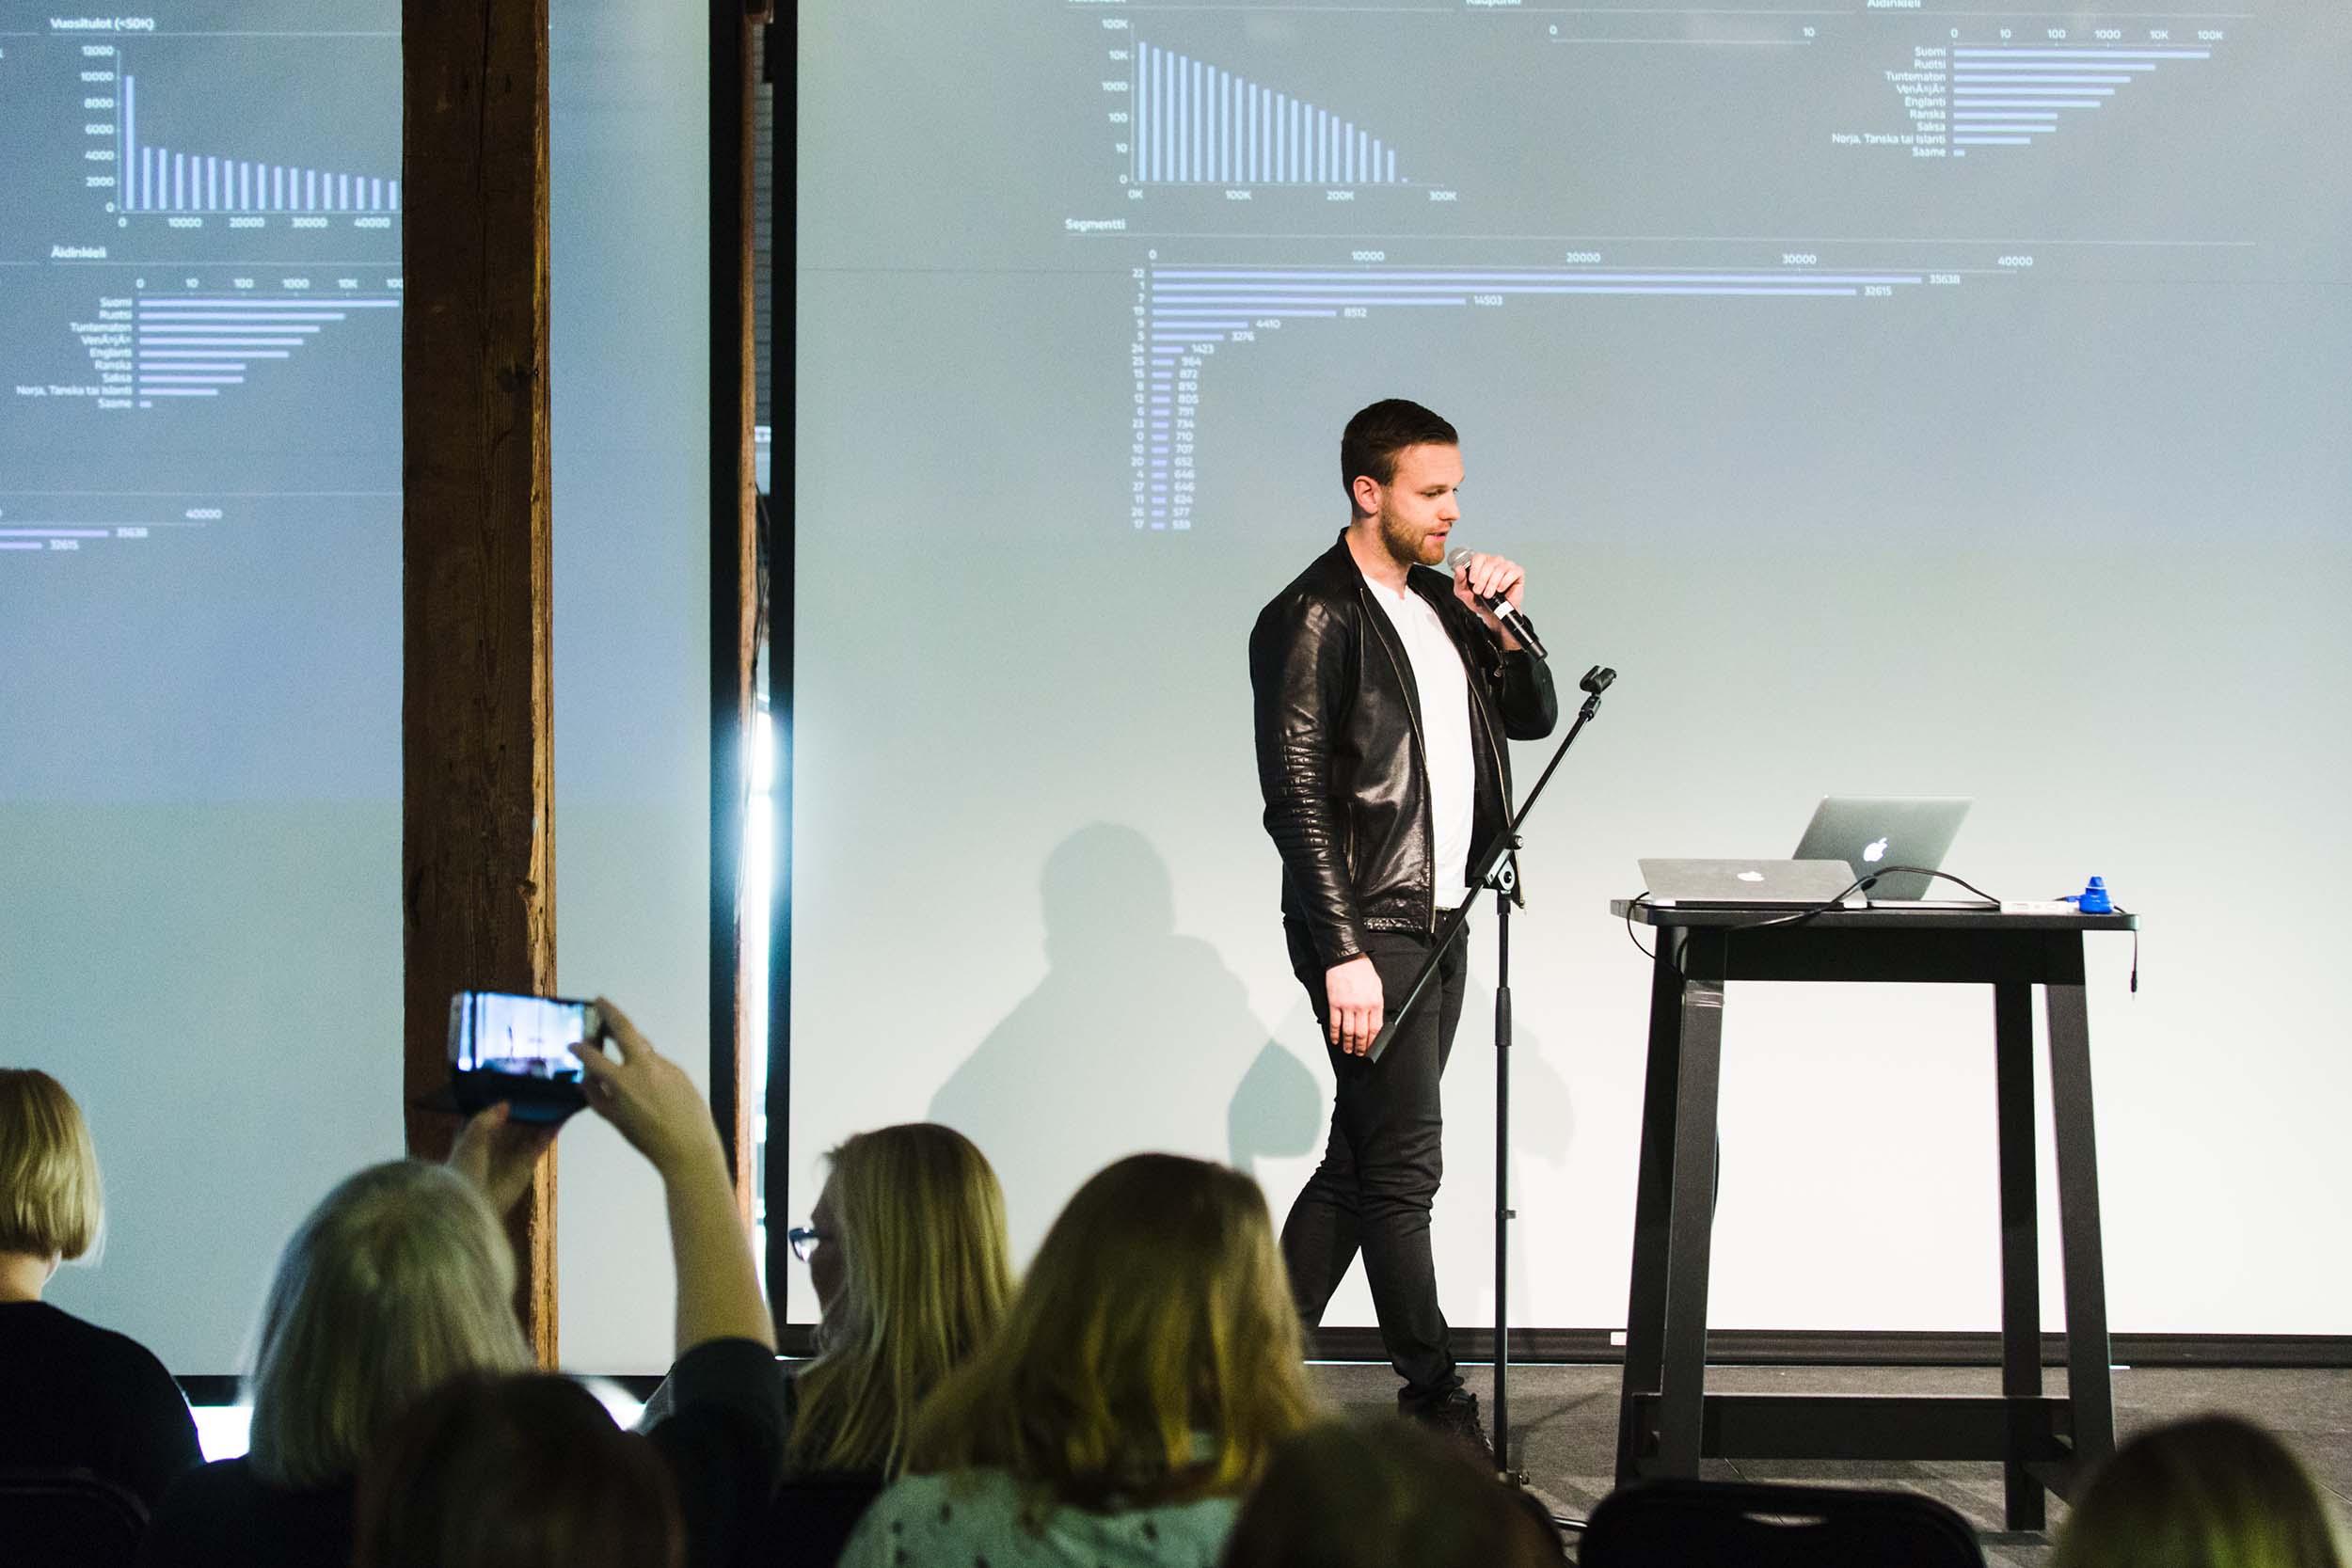 Nahkatakkinen mies puhuu mikrofoniin esiintymislavalla, taustalla esitys, jossa kaavioita.